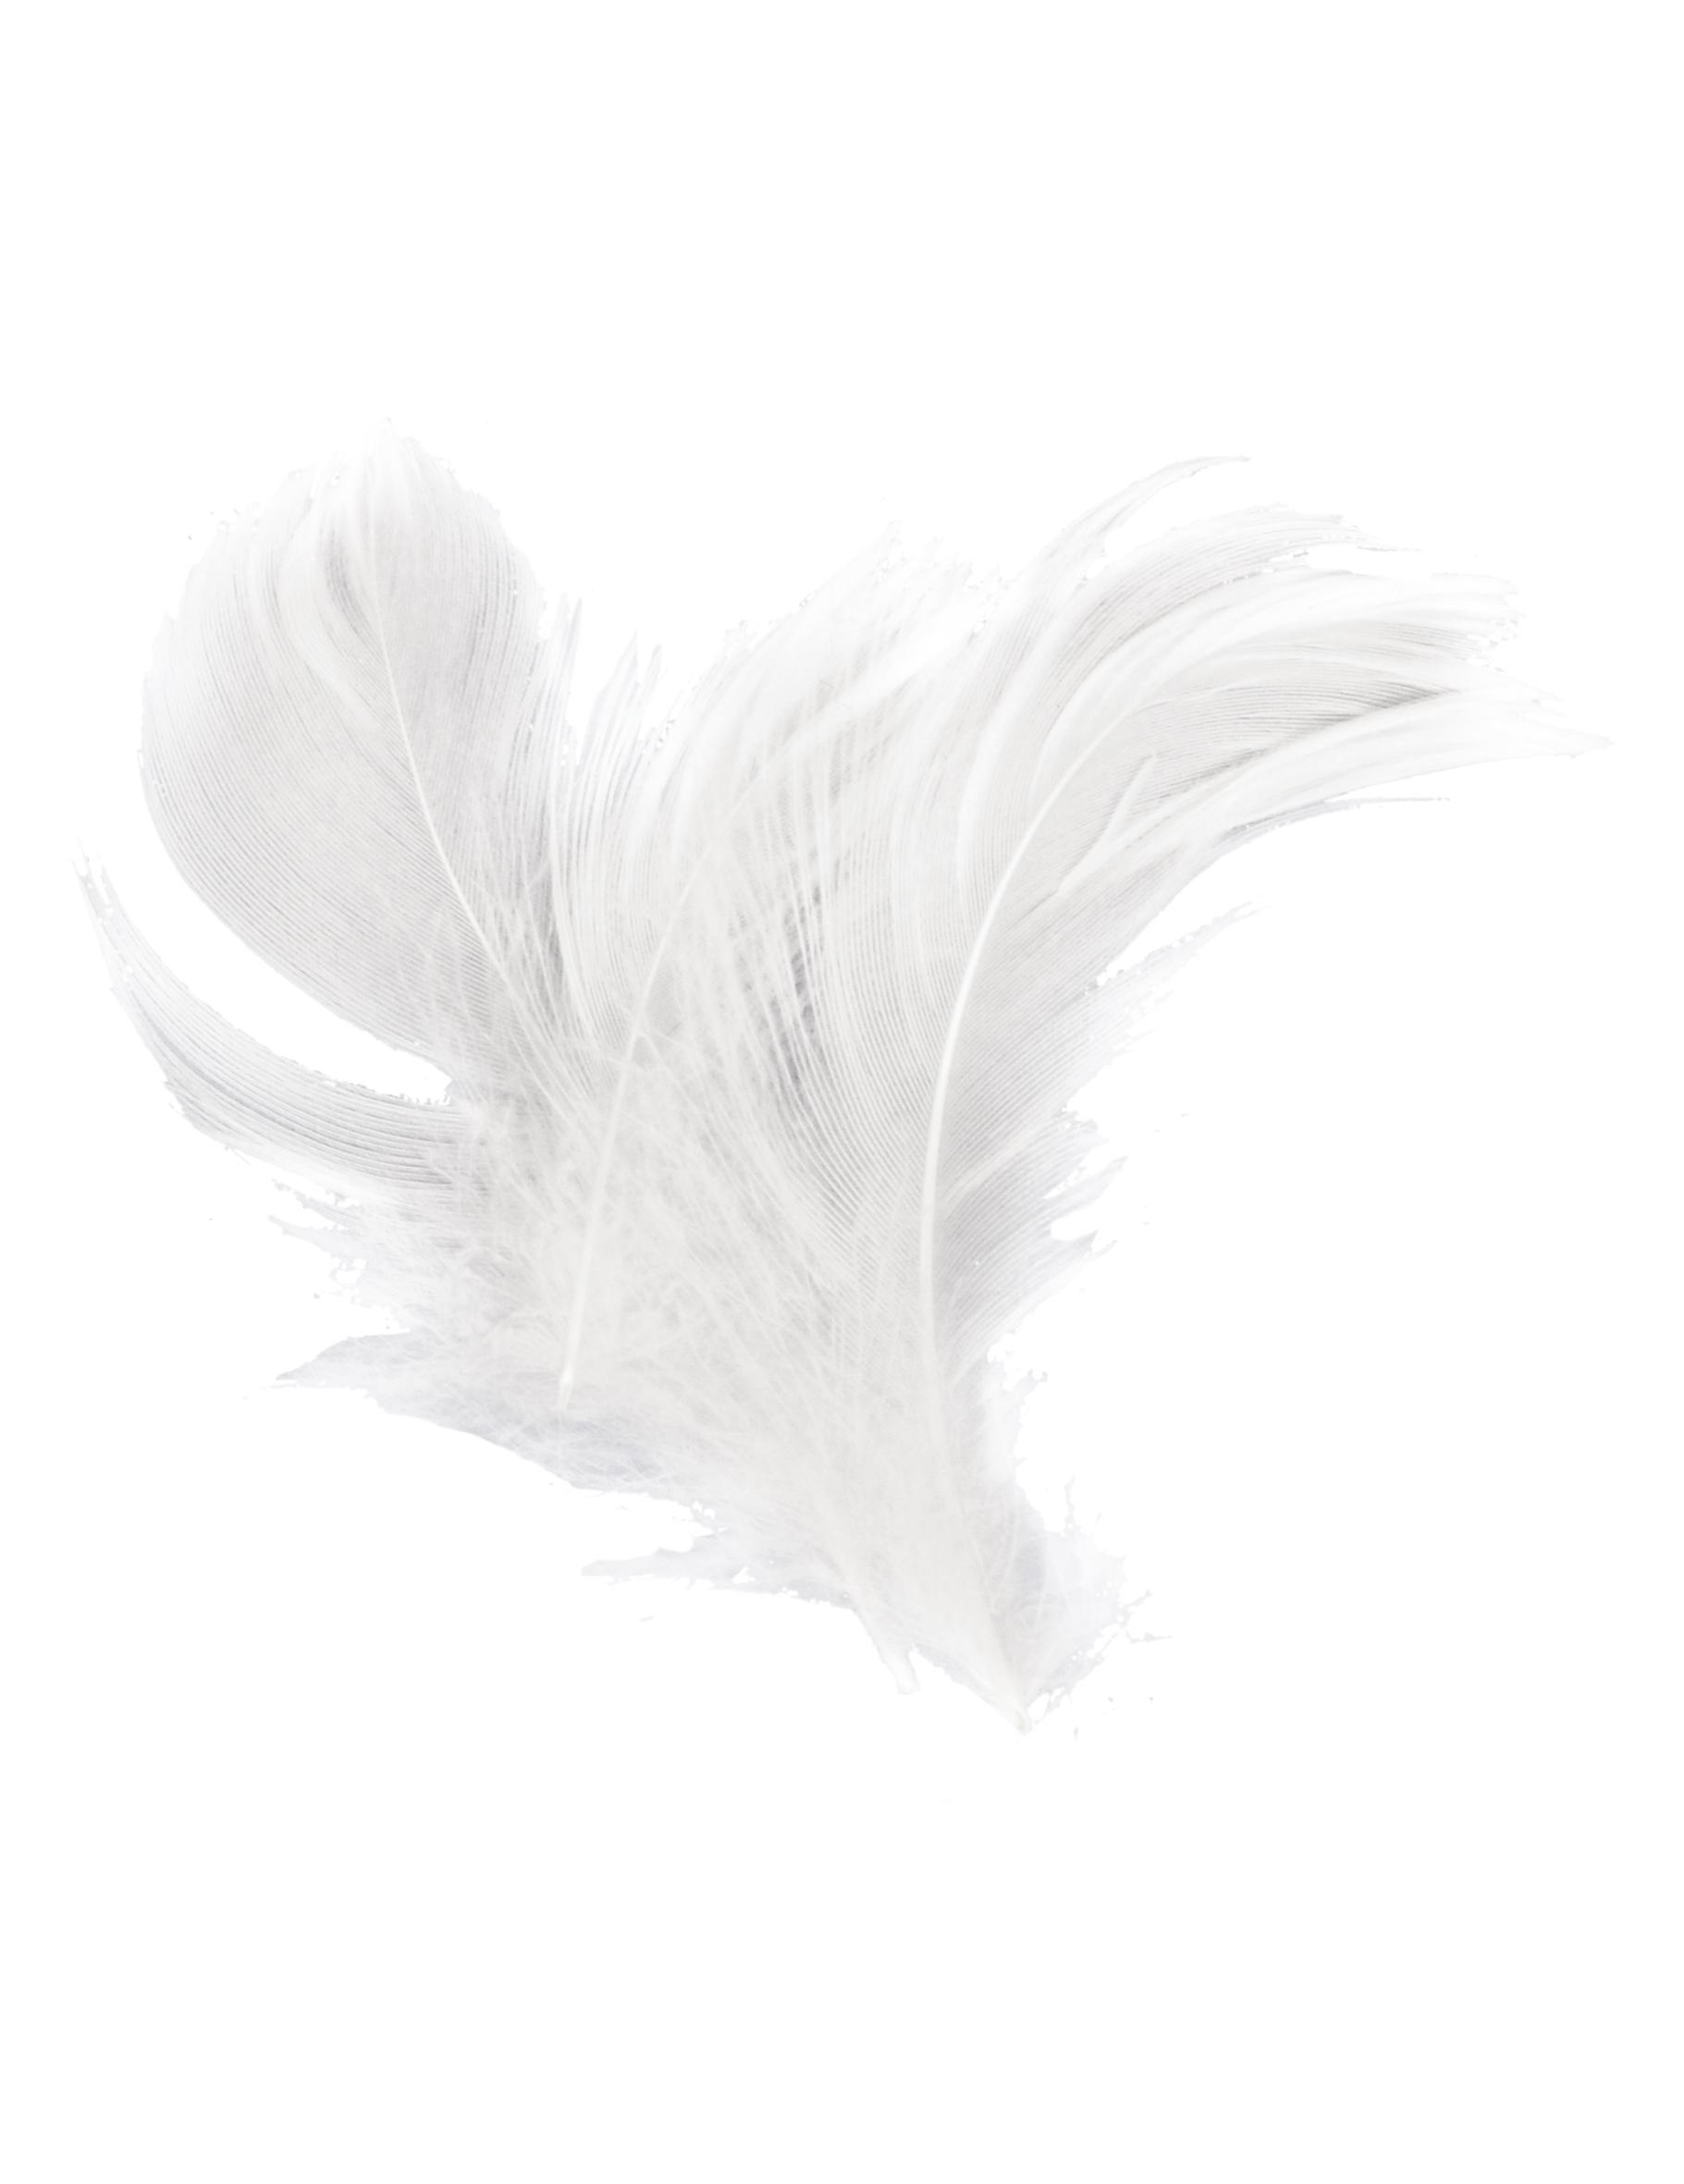 köpa vita fjädrar